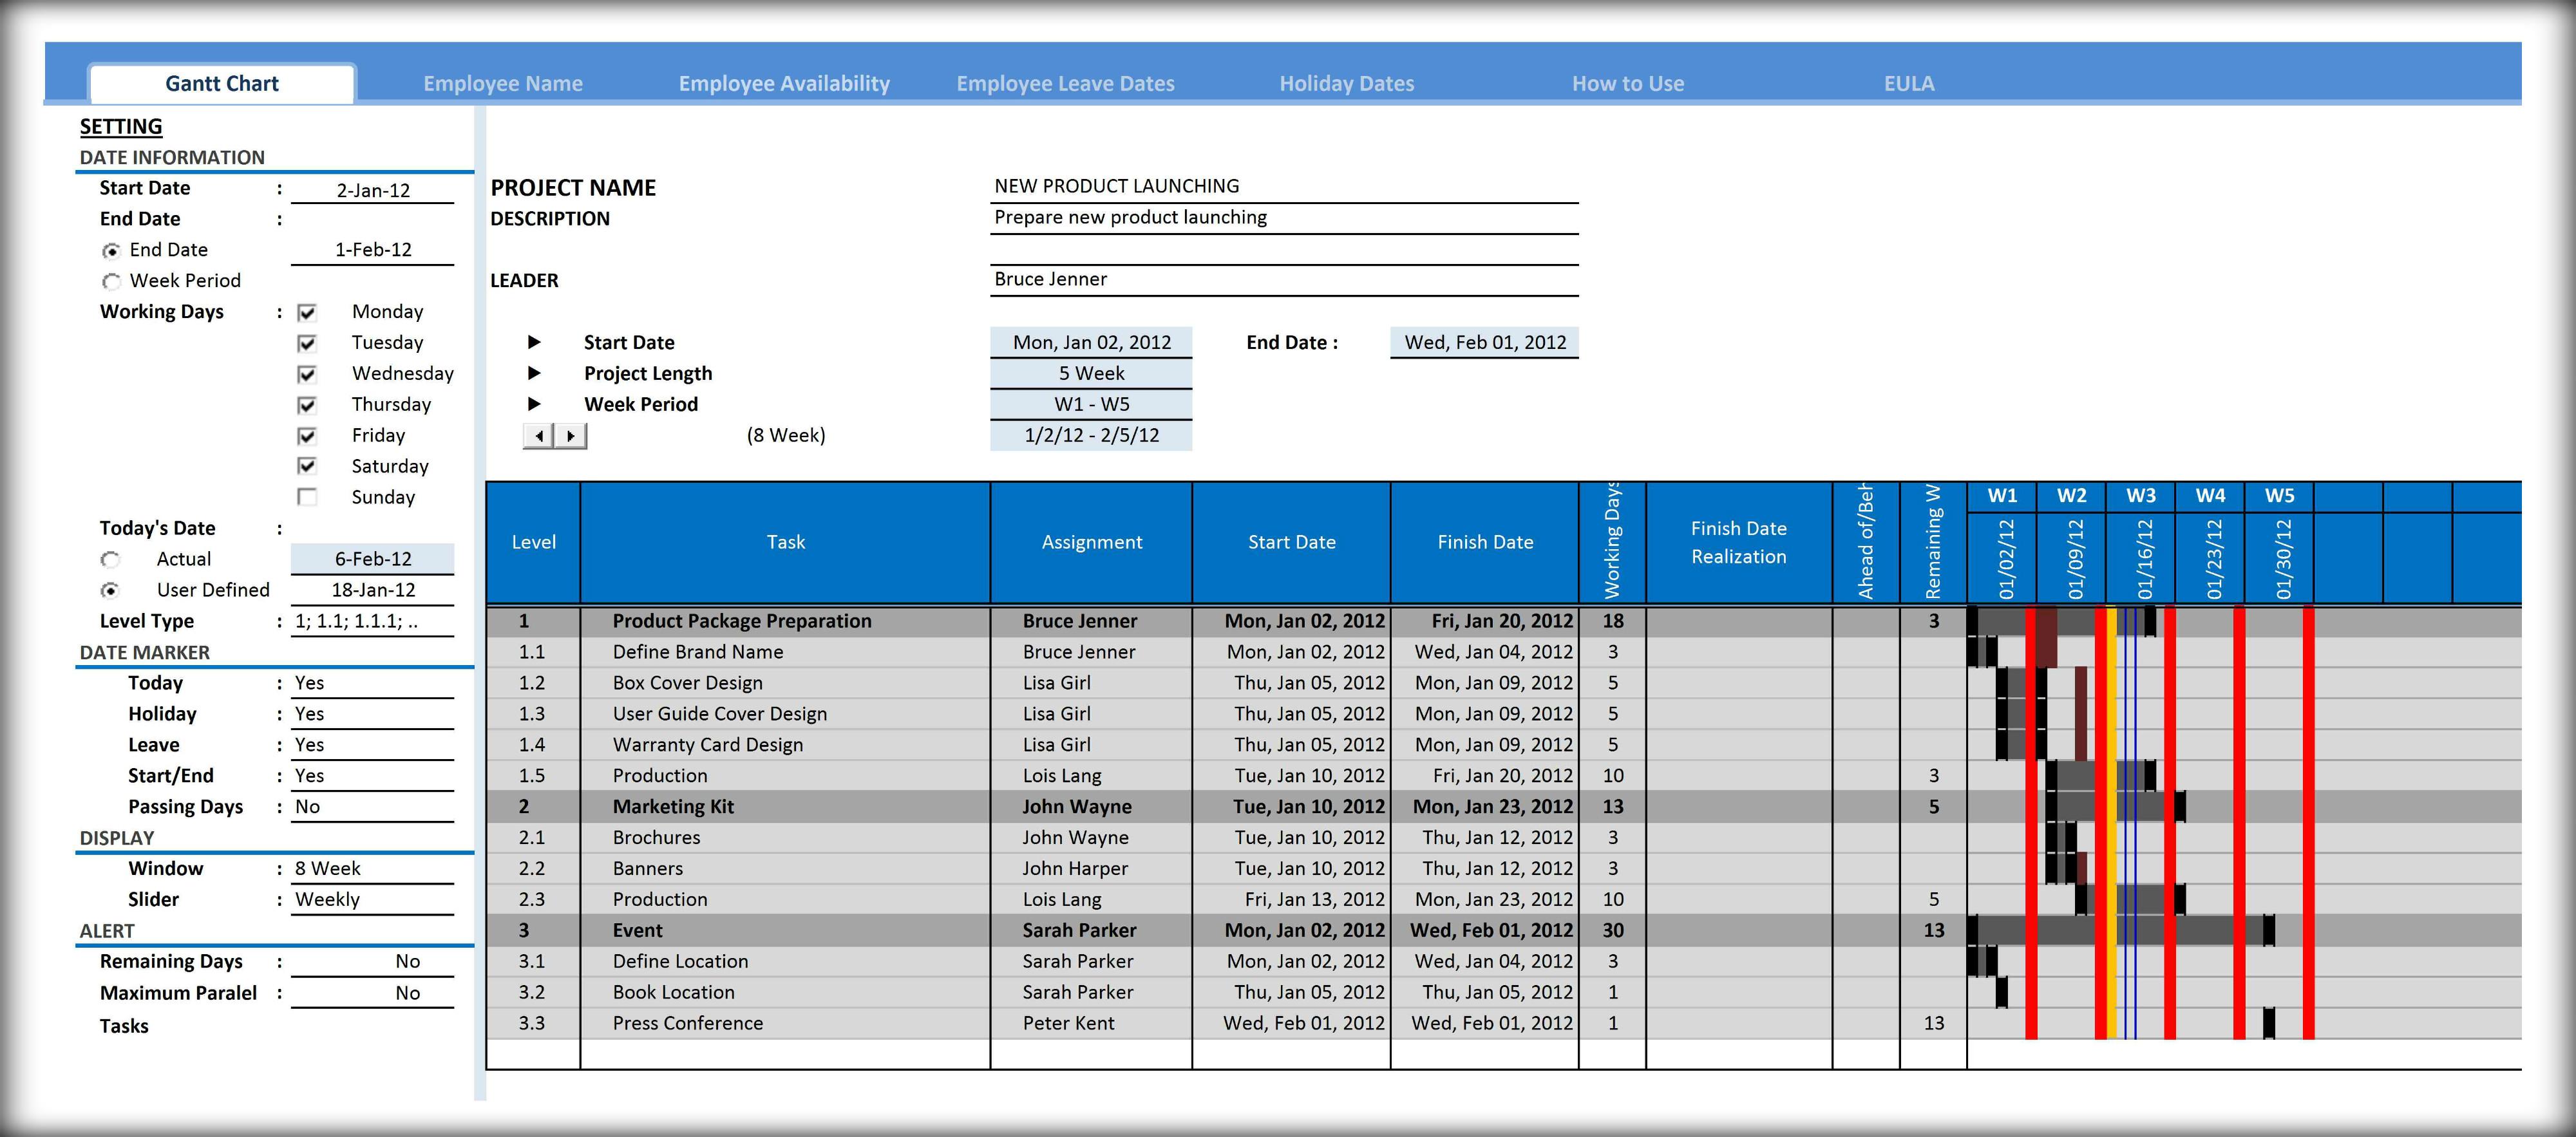 Excel 2010 Gantt Chart Template